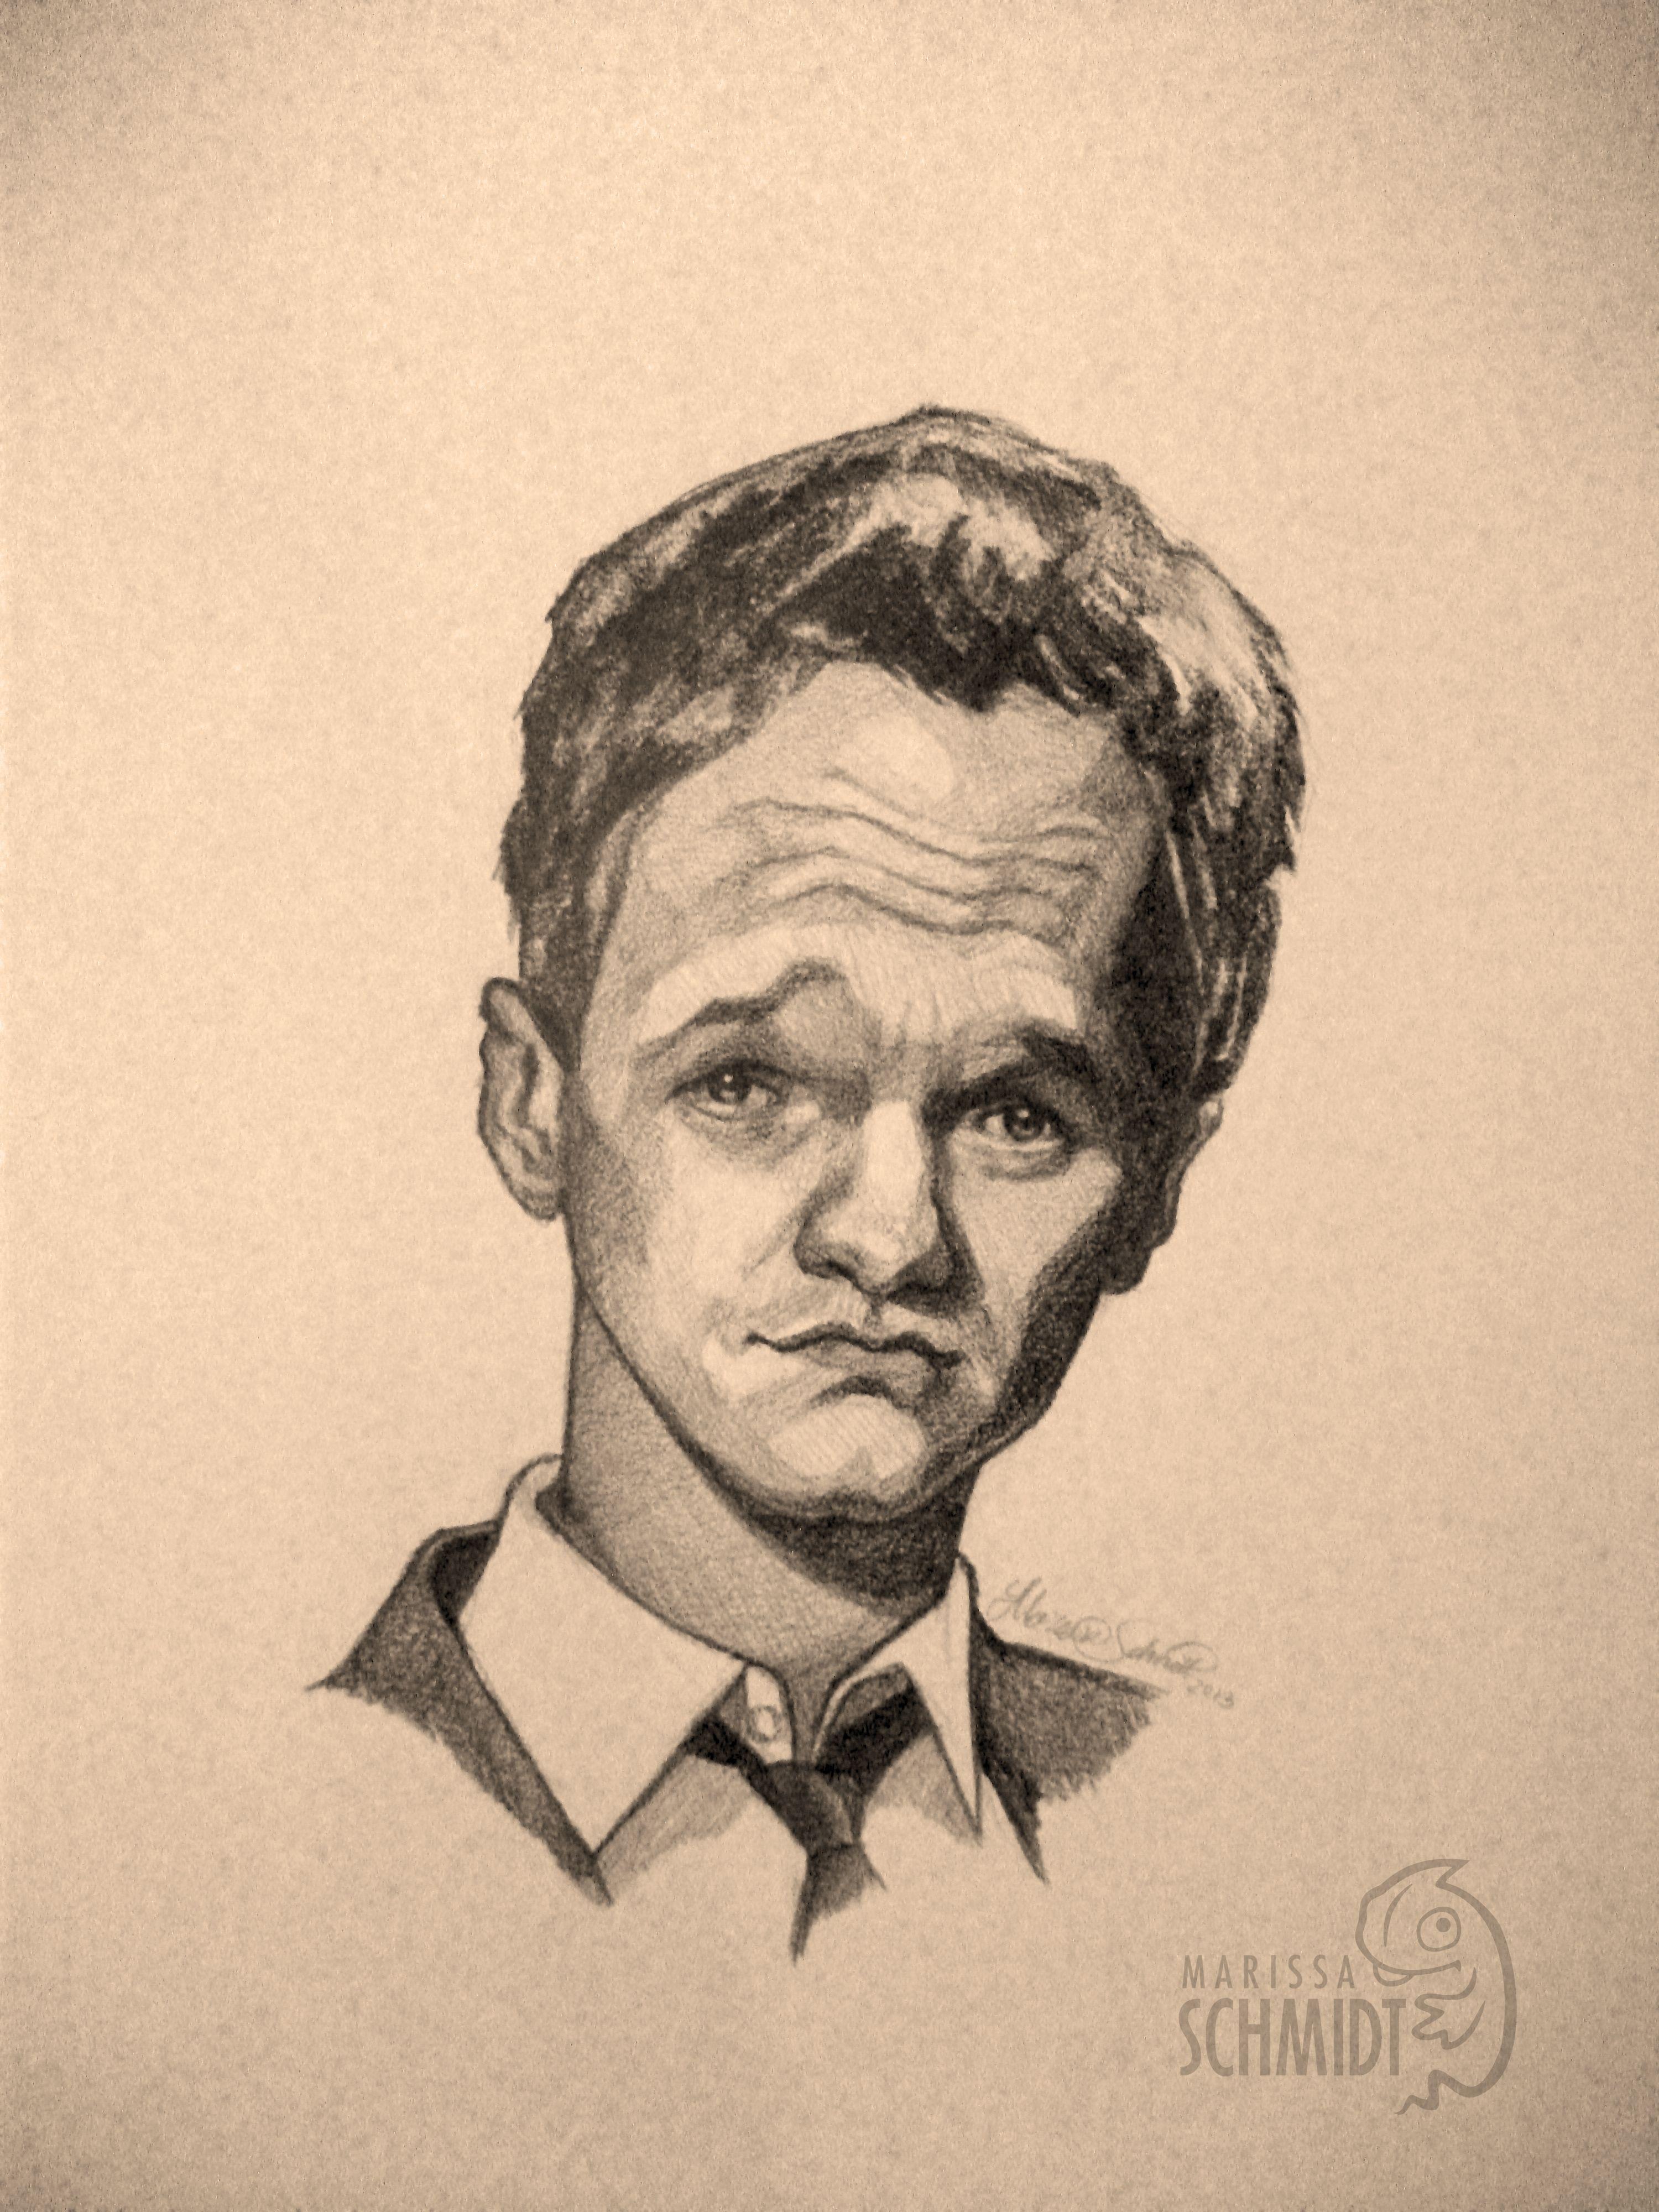 Barney Stinson How I Met Your Mother By Marissa Schmidt My Art